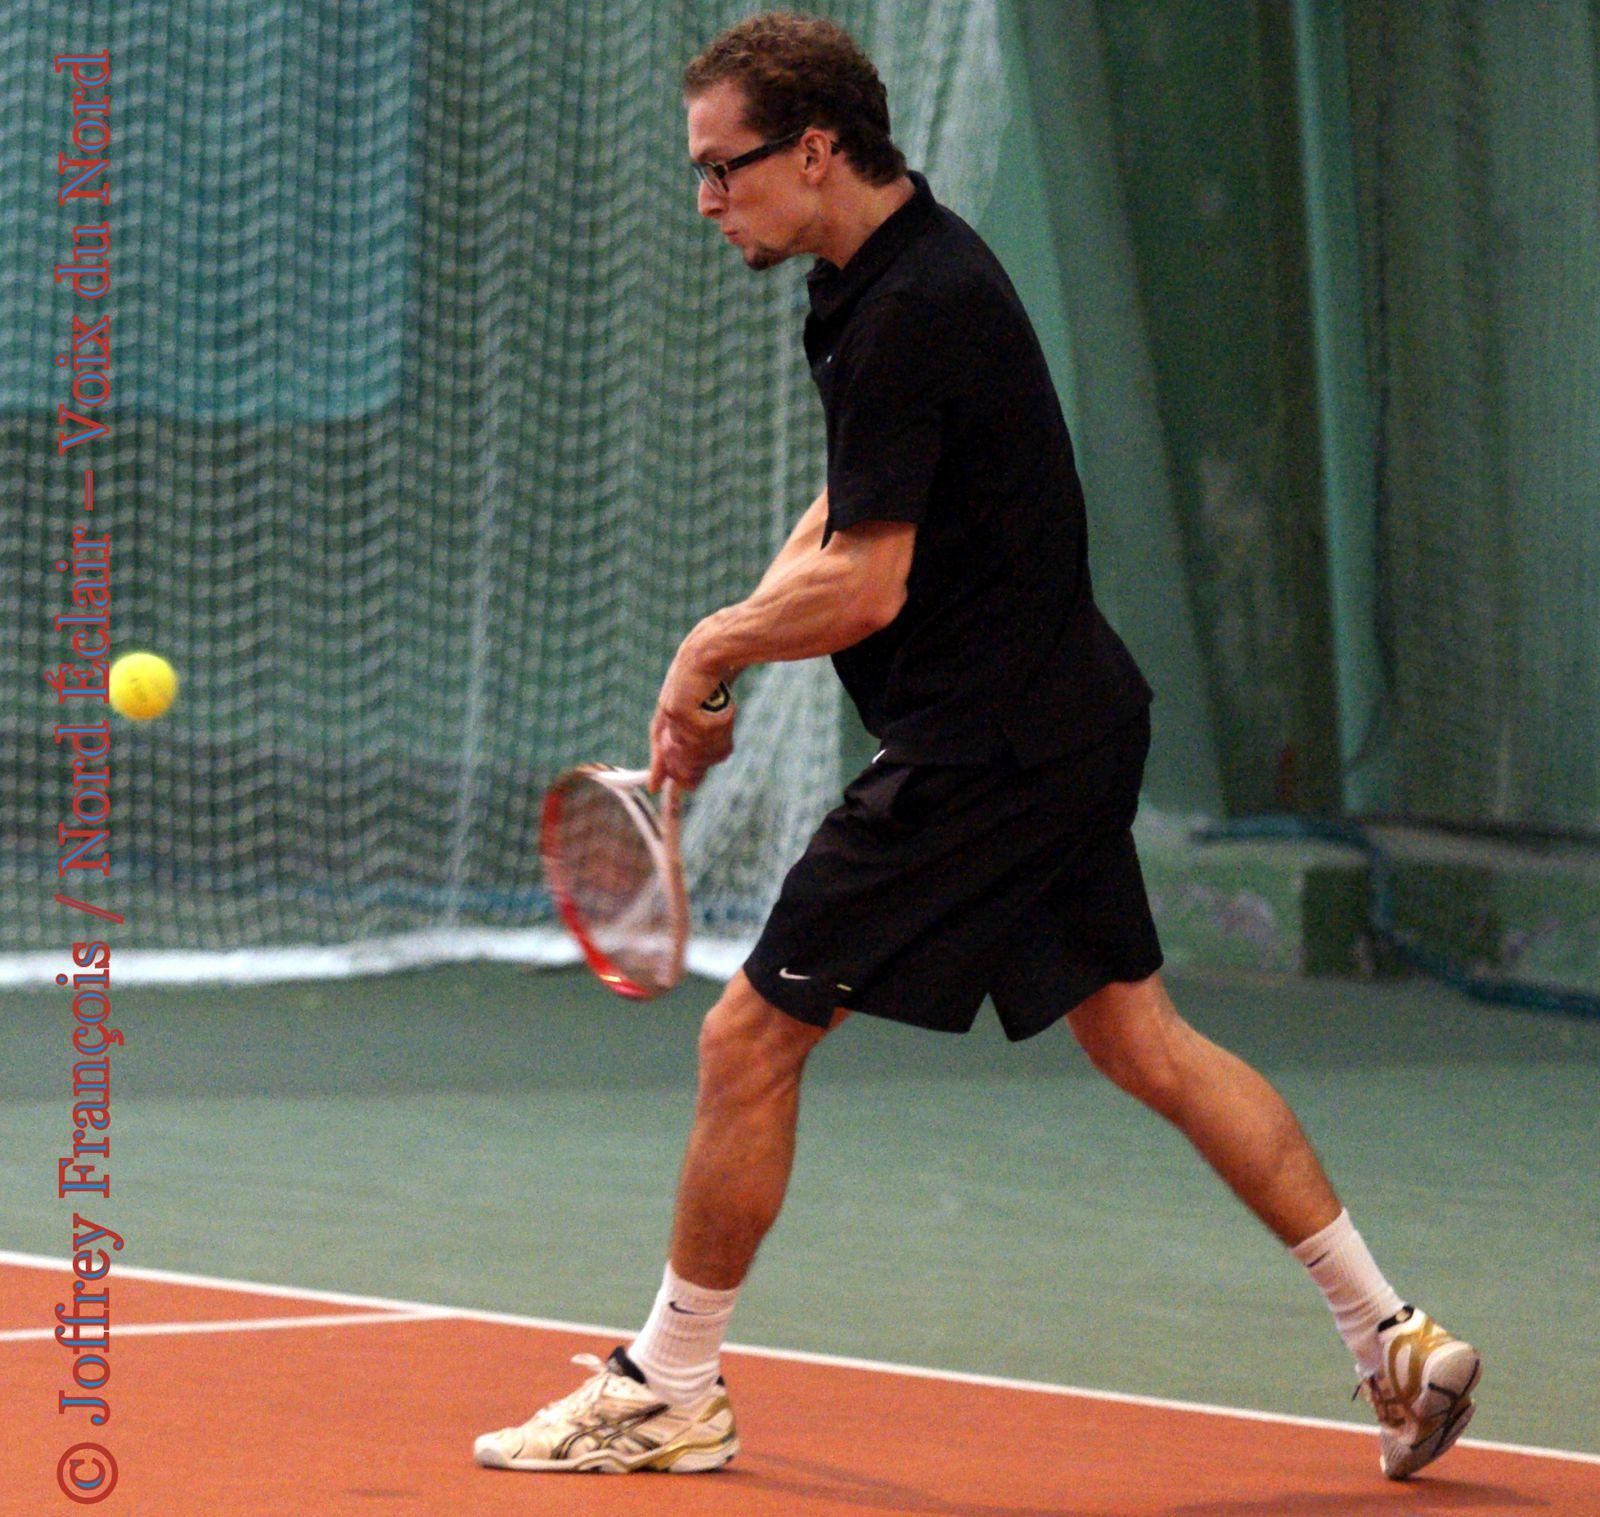 27.10.13 Tournoi Open Halluin